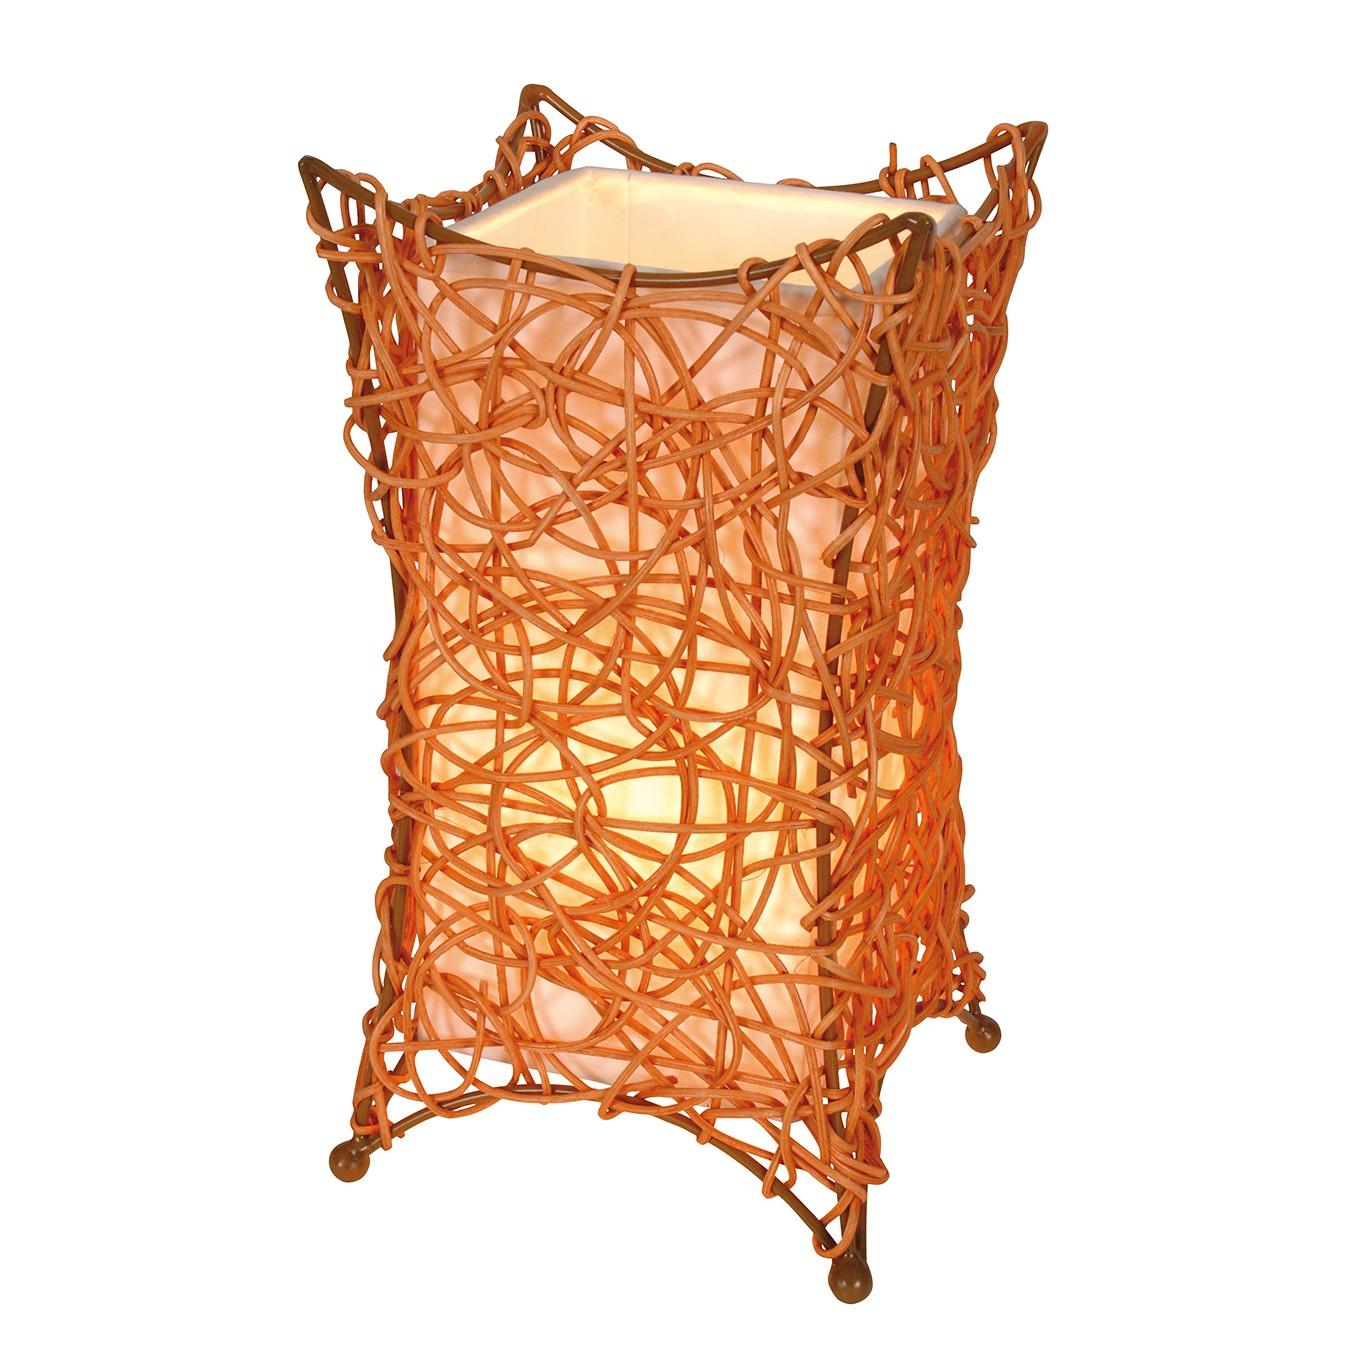 Korb-Tischleuchte Hurly-Burly Orange ● Geflecht ● 1-flammig- Näve A++